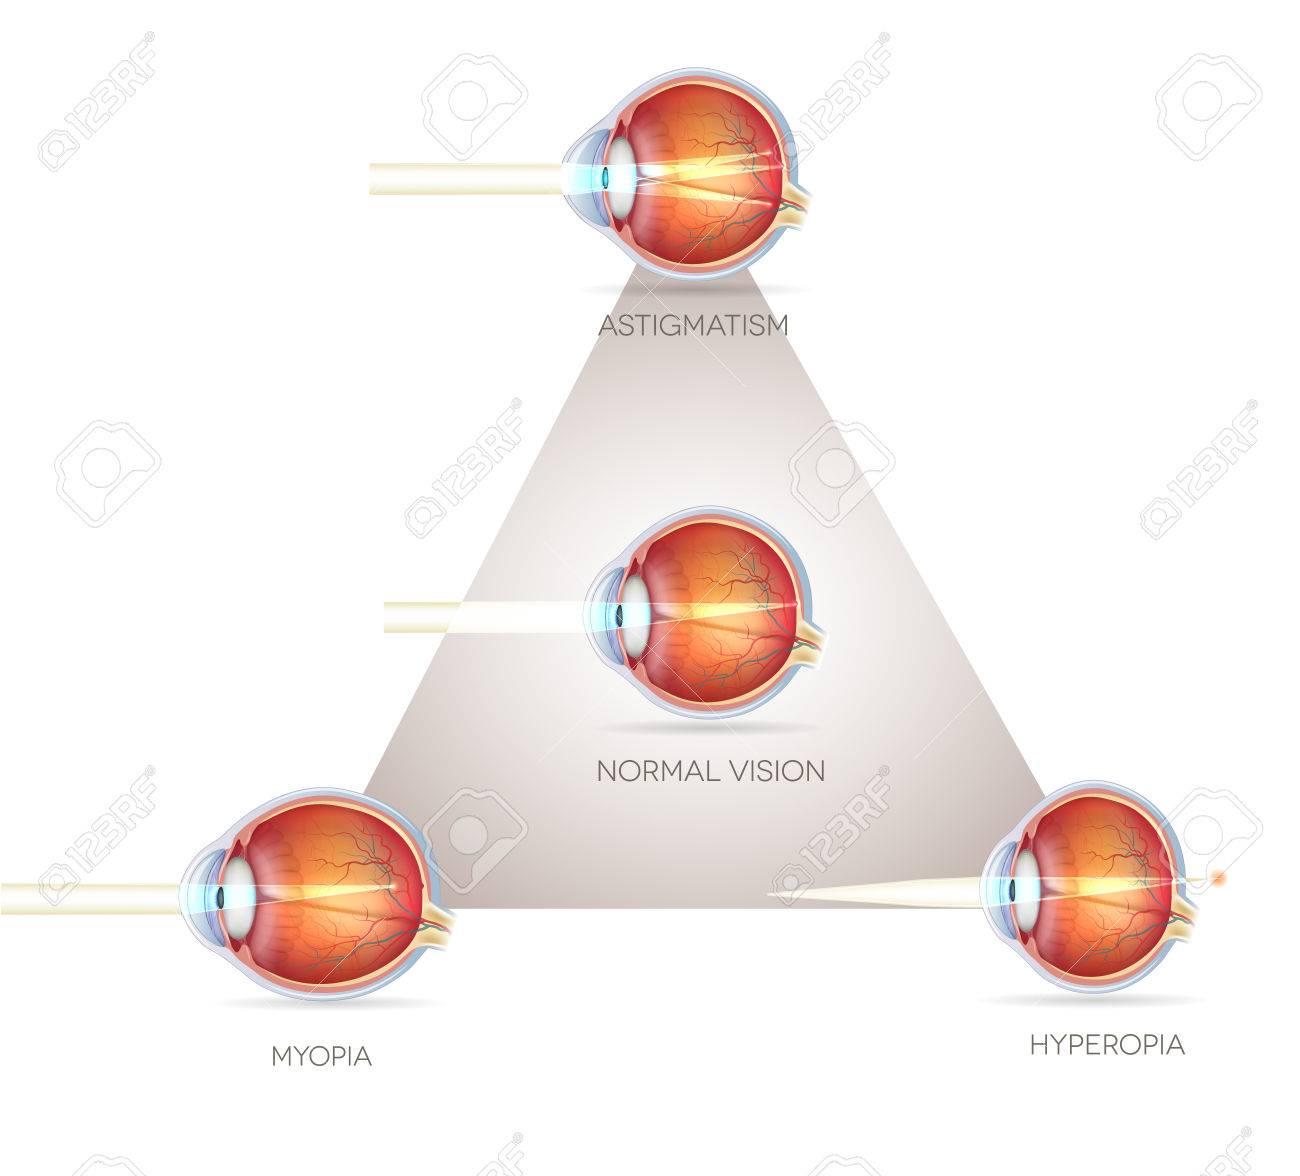 d7f550507b11 Eye Vision Triangle